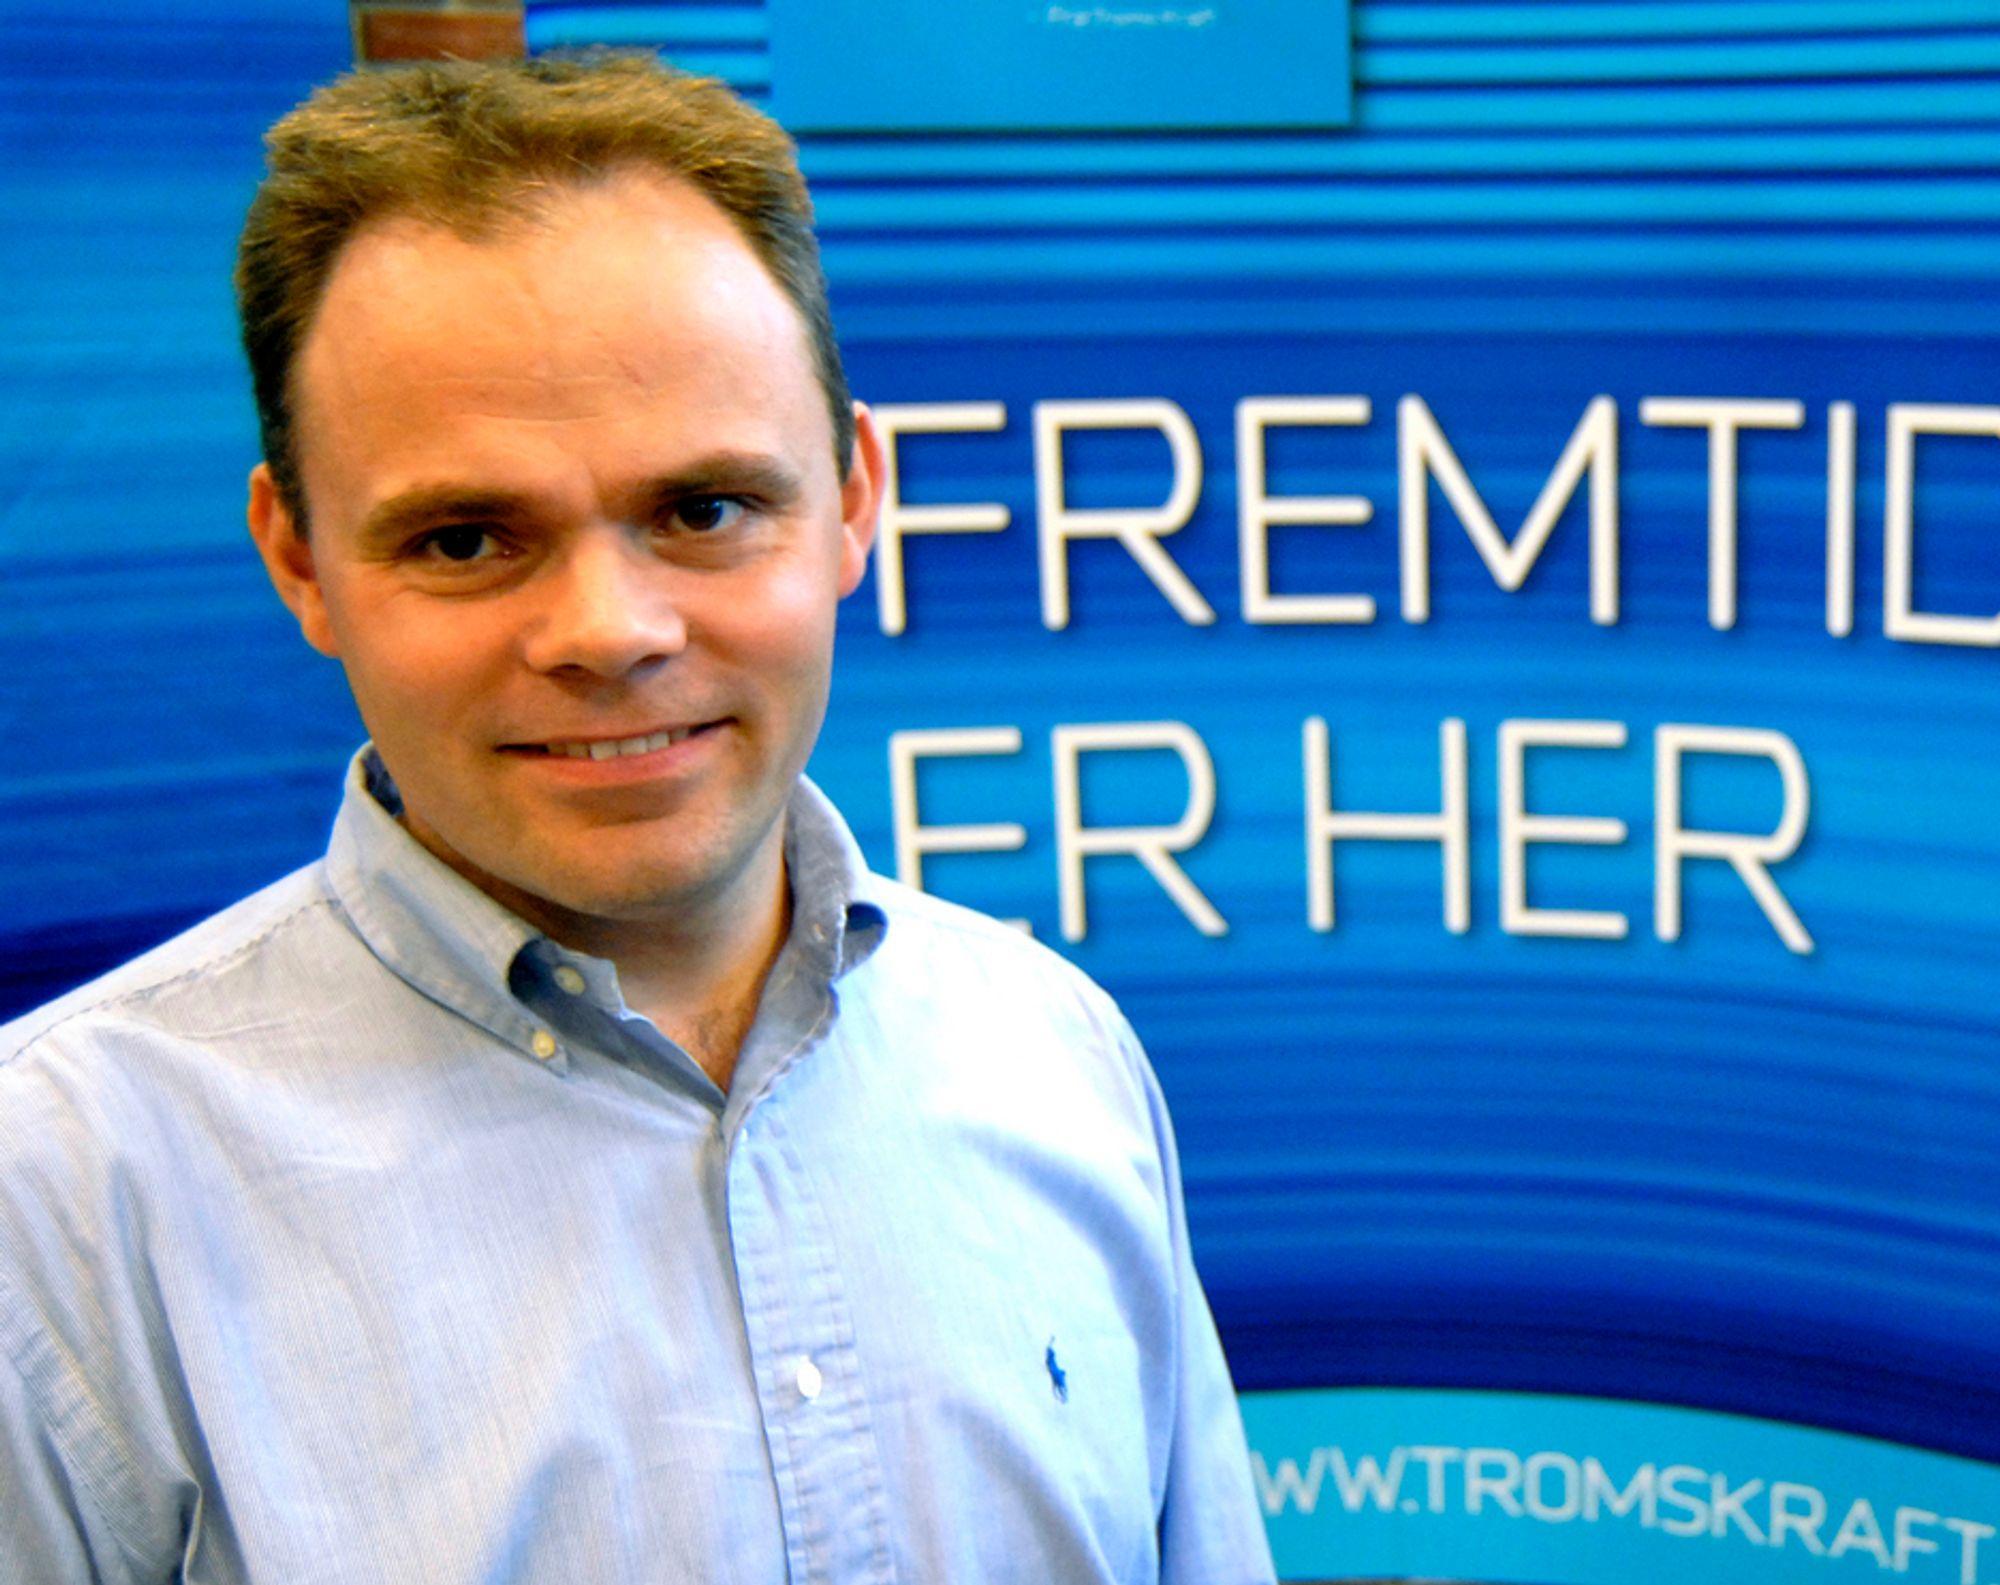 TING TAR TID: Den tidligere Telenor-mannen Erling Dahlberg leder Troms Kraft Fiber. Så langt har han slitt med å overbevise folk i Troms om fiberens fortreffelighet - spesielt med tanke på åpne løsninger.